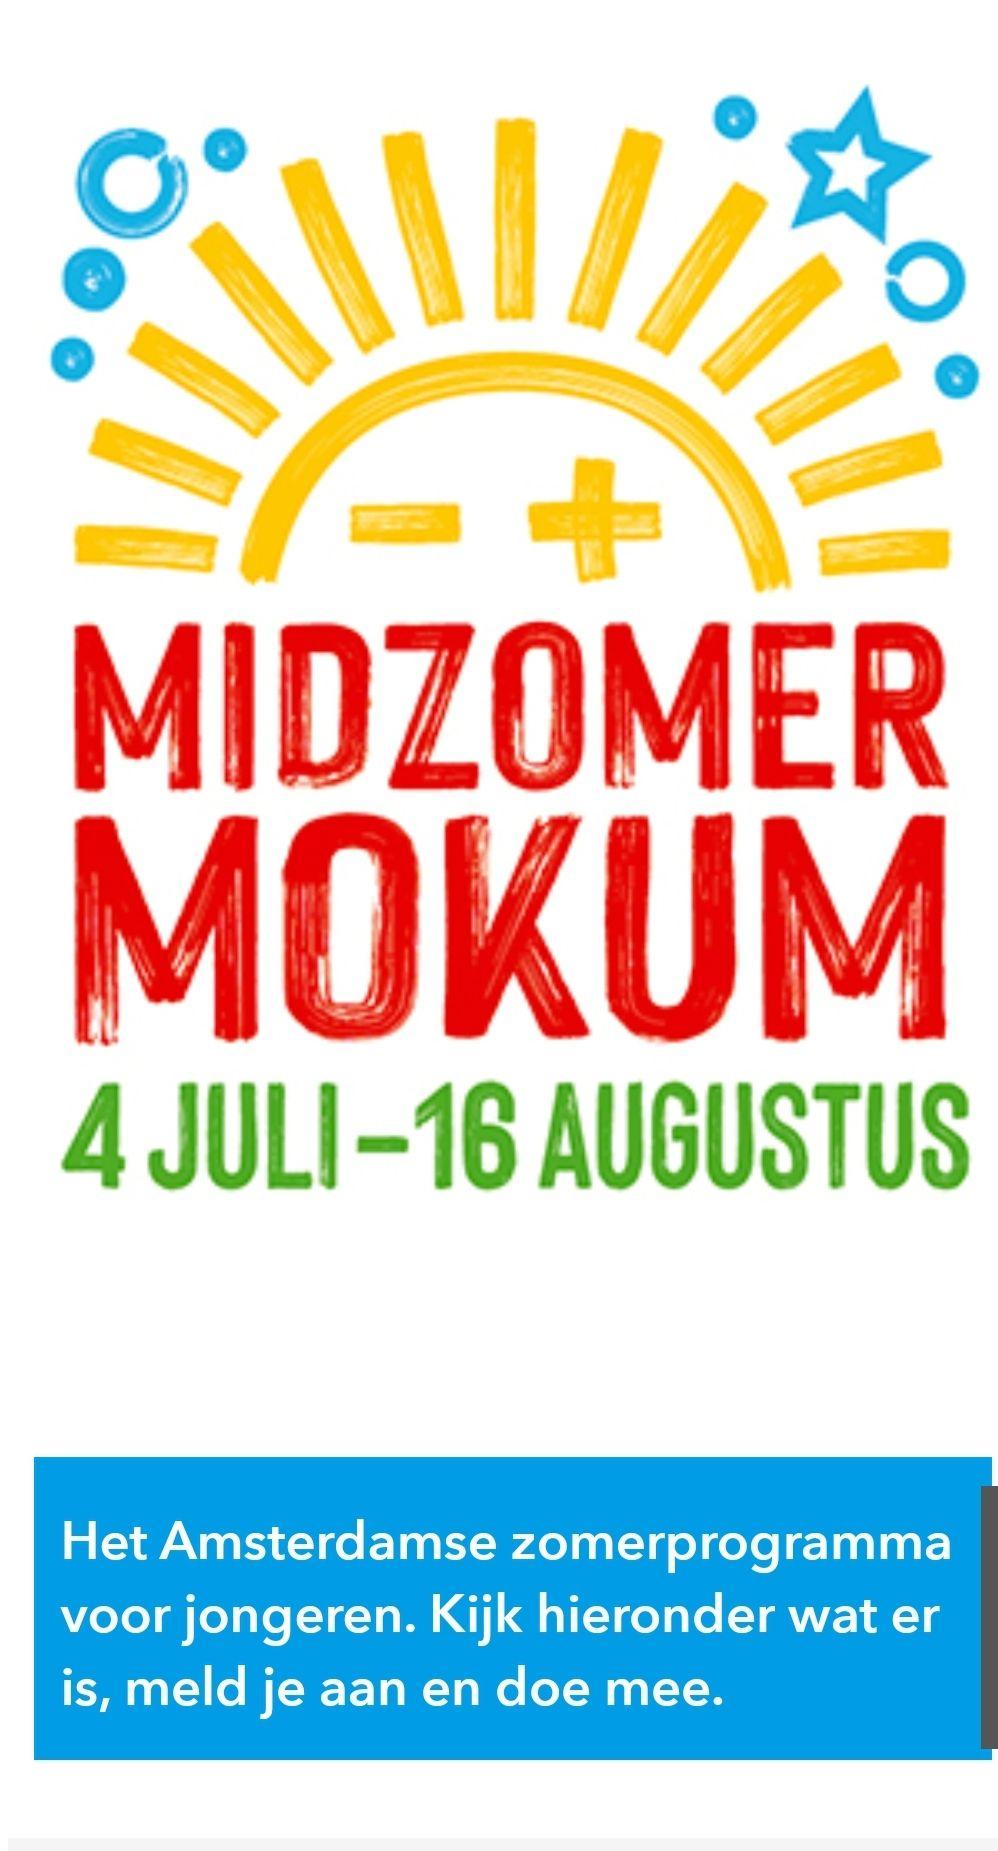 Vele gratis (of goedkope) kinderactiviteiten in Amsterdam deze zomervakantie